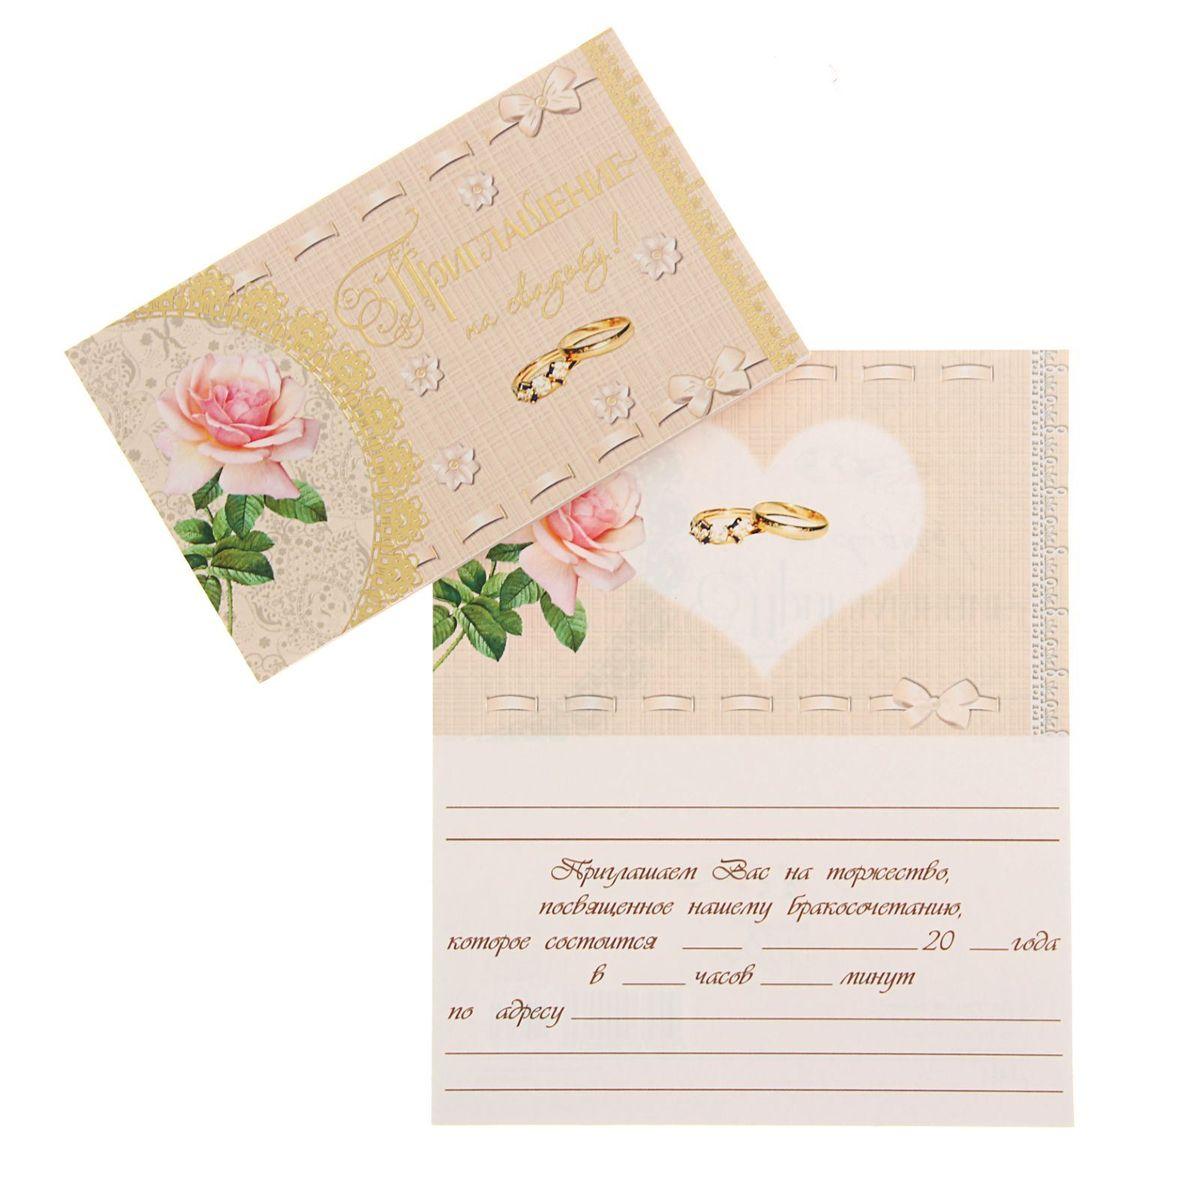 Приглашение на свадьбу Русский дизайн Роза с золотом, 14 х 8,5 смNN-612-LS-PLКрасивая свадебная пригласительная открытка станет незаменимым атрибутом подготовки к предстоящему торжеству и позволит объявить самым дорогим вам людям о важном событии в вашей жизни. Приглашение на свадьбу Русский дизайн Роза с золотом, выполненное изкартона, отличается не только оригинальным дизайном, но и высоким качеством. Внутри - текстприглашения. Вам остается заполнить необходимые строки и раздать гостям.Устройте себе незабываемую свадьбу! Размер: 14 х 8,5 см.